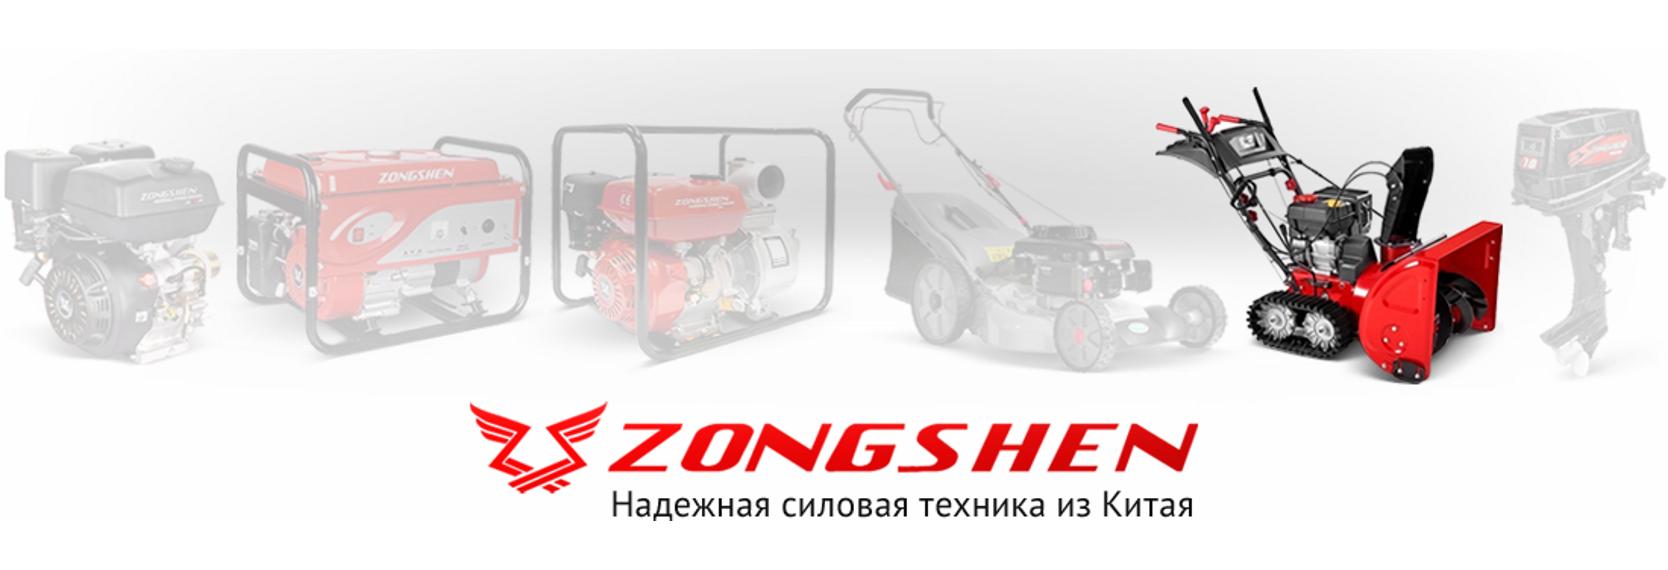 Техника Zongshen